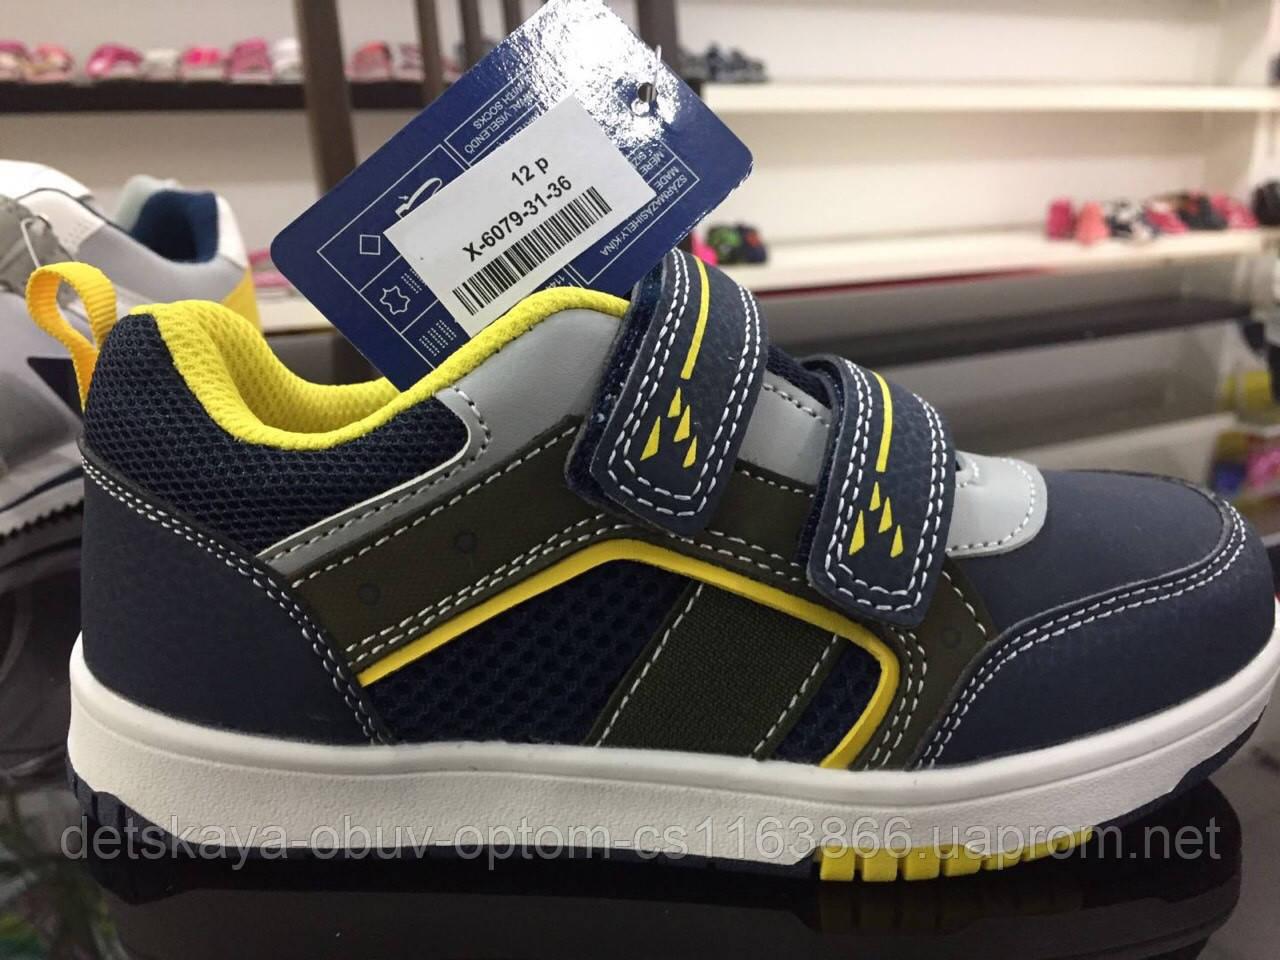 8f3e1887 Детские синие кроссовки для мальчиков Размеры 31-36, цена 380 грн., купить  в Львове — Prom.ua (ID#562682875)